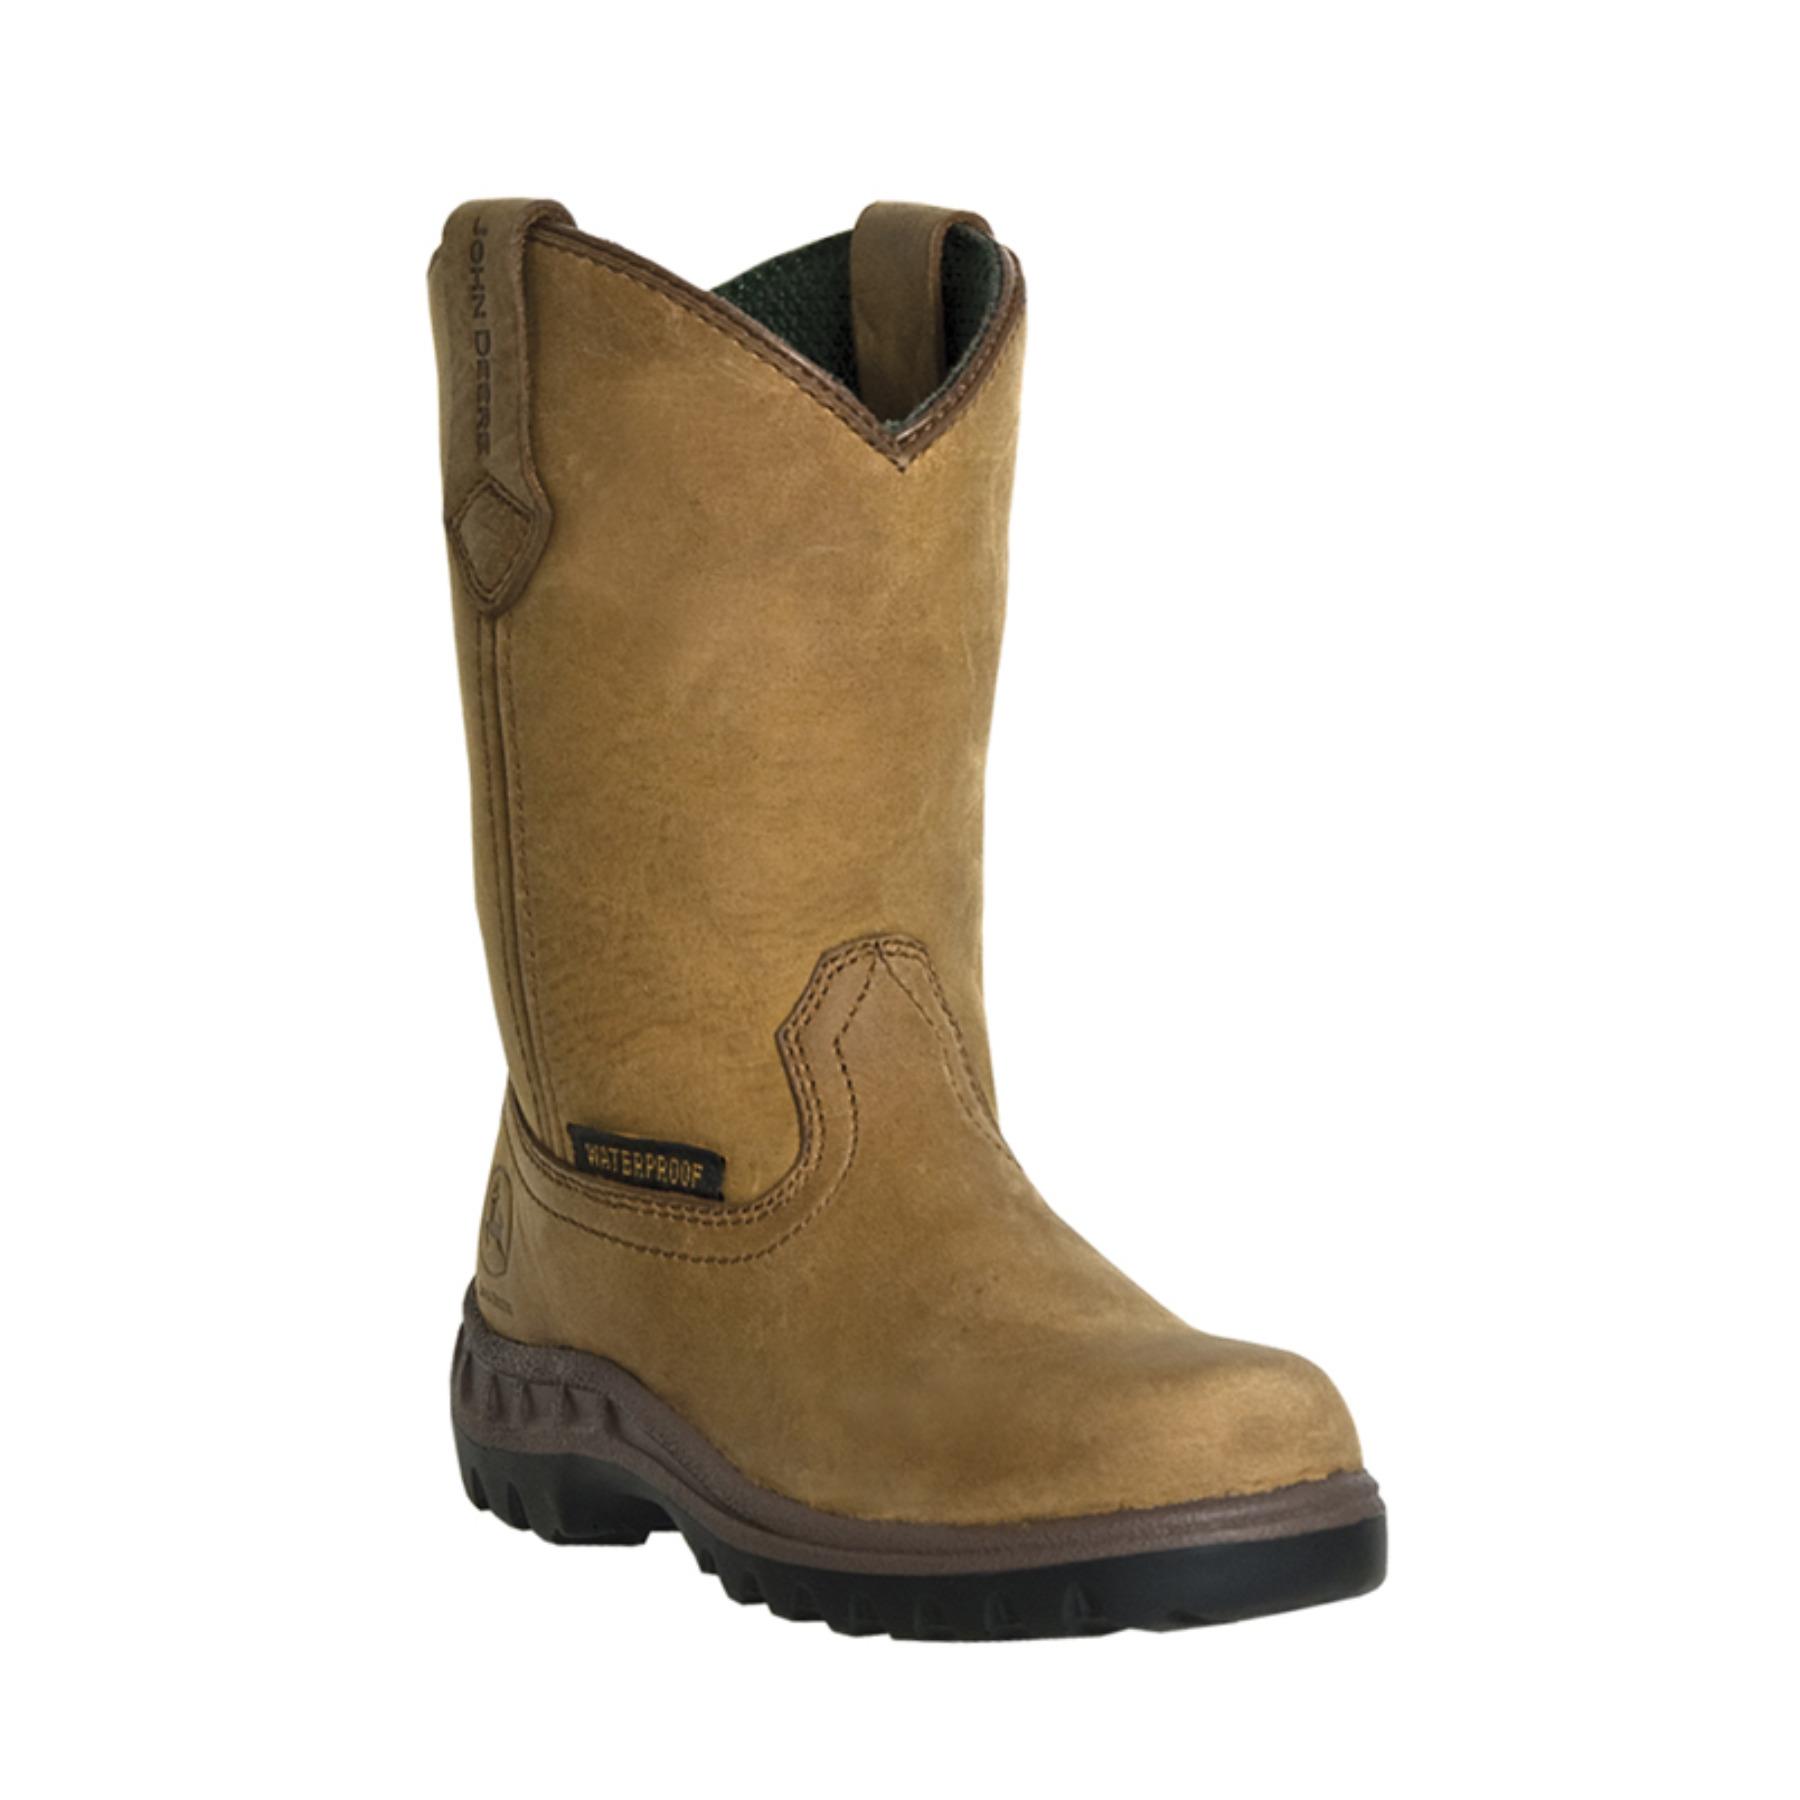 John Deere John Deere Waterproof Mossy Oak Kid's Leather Boots ...